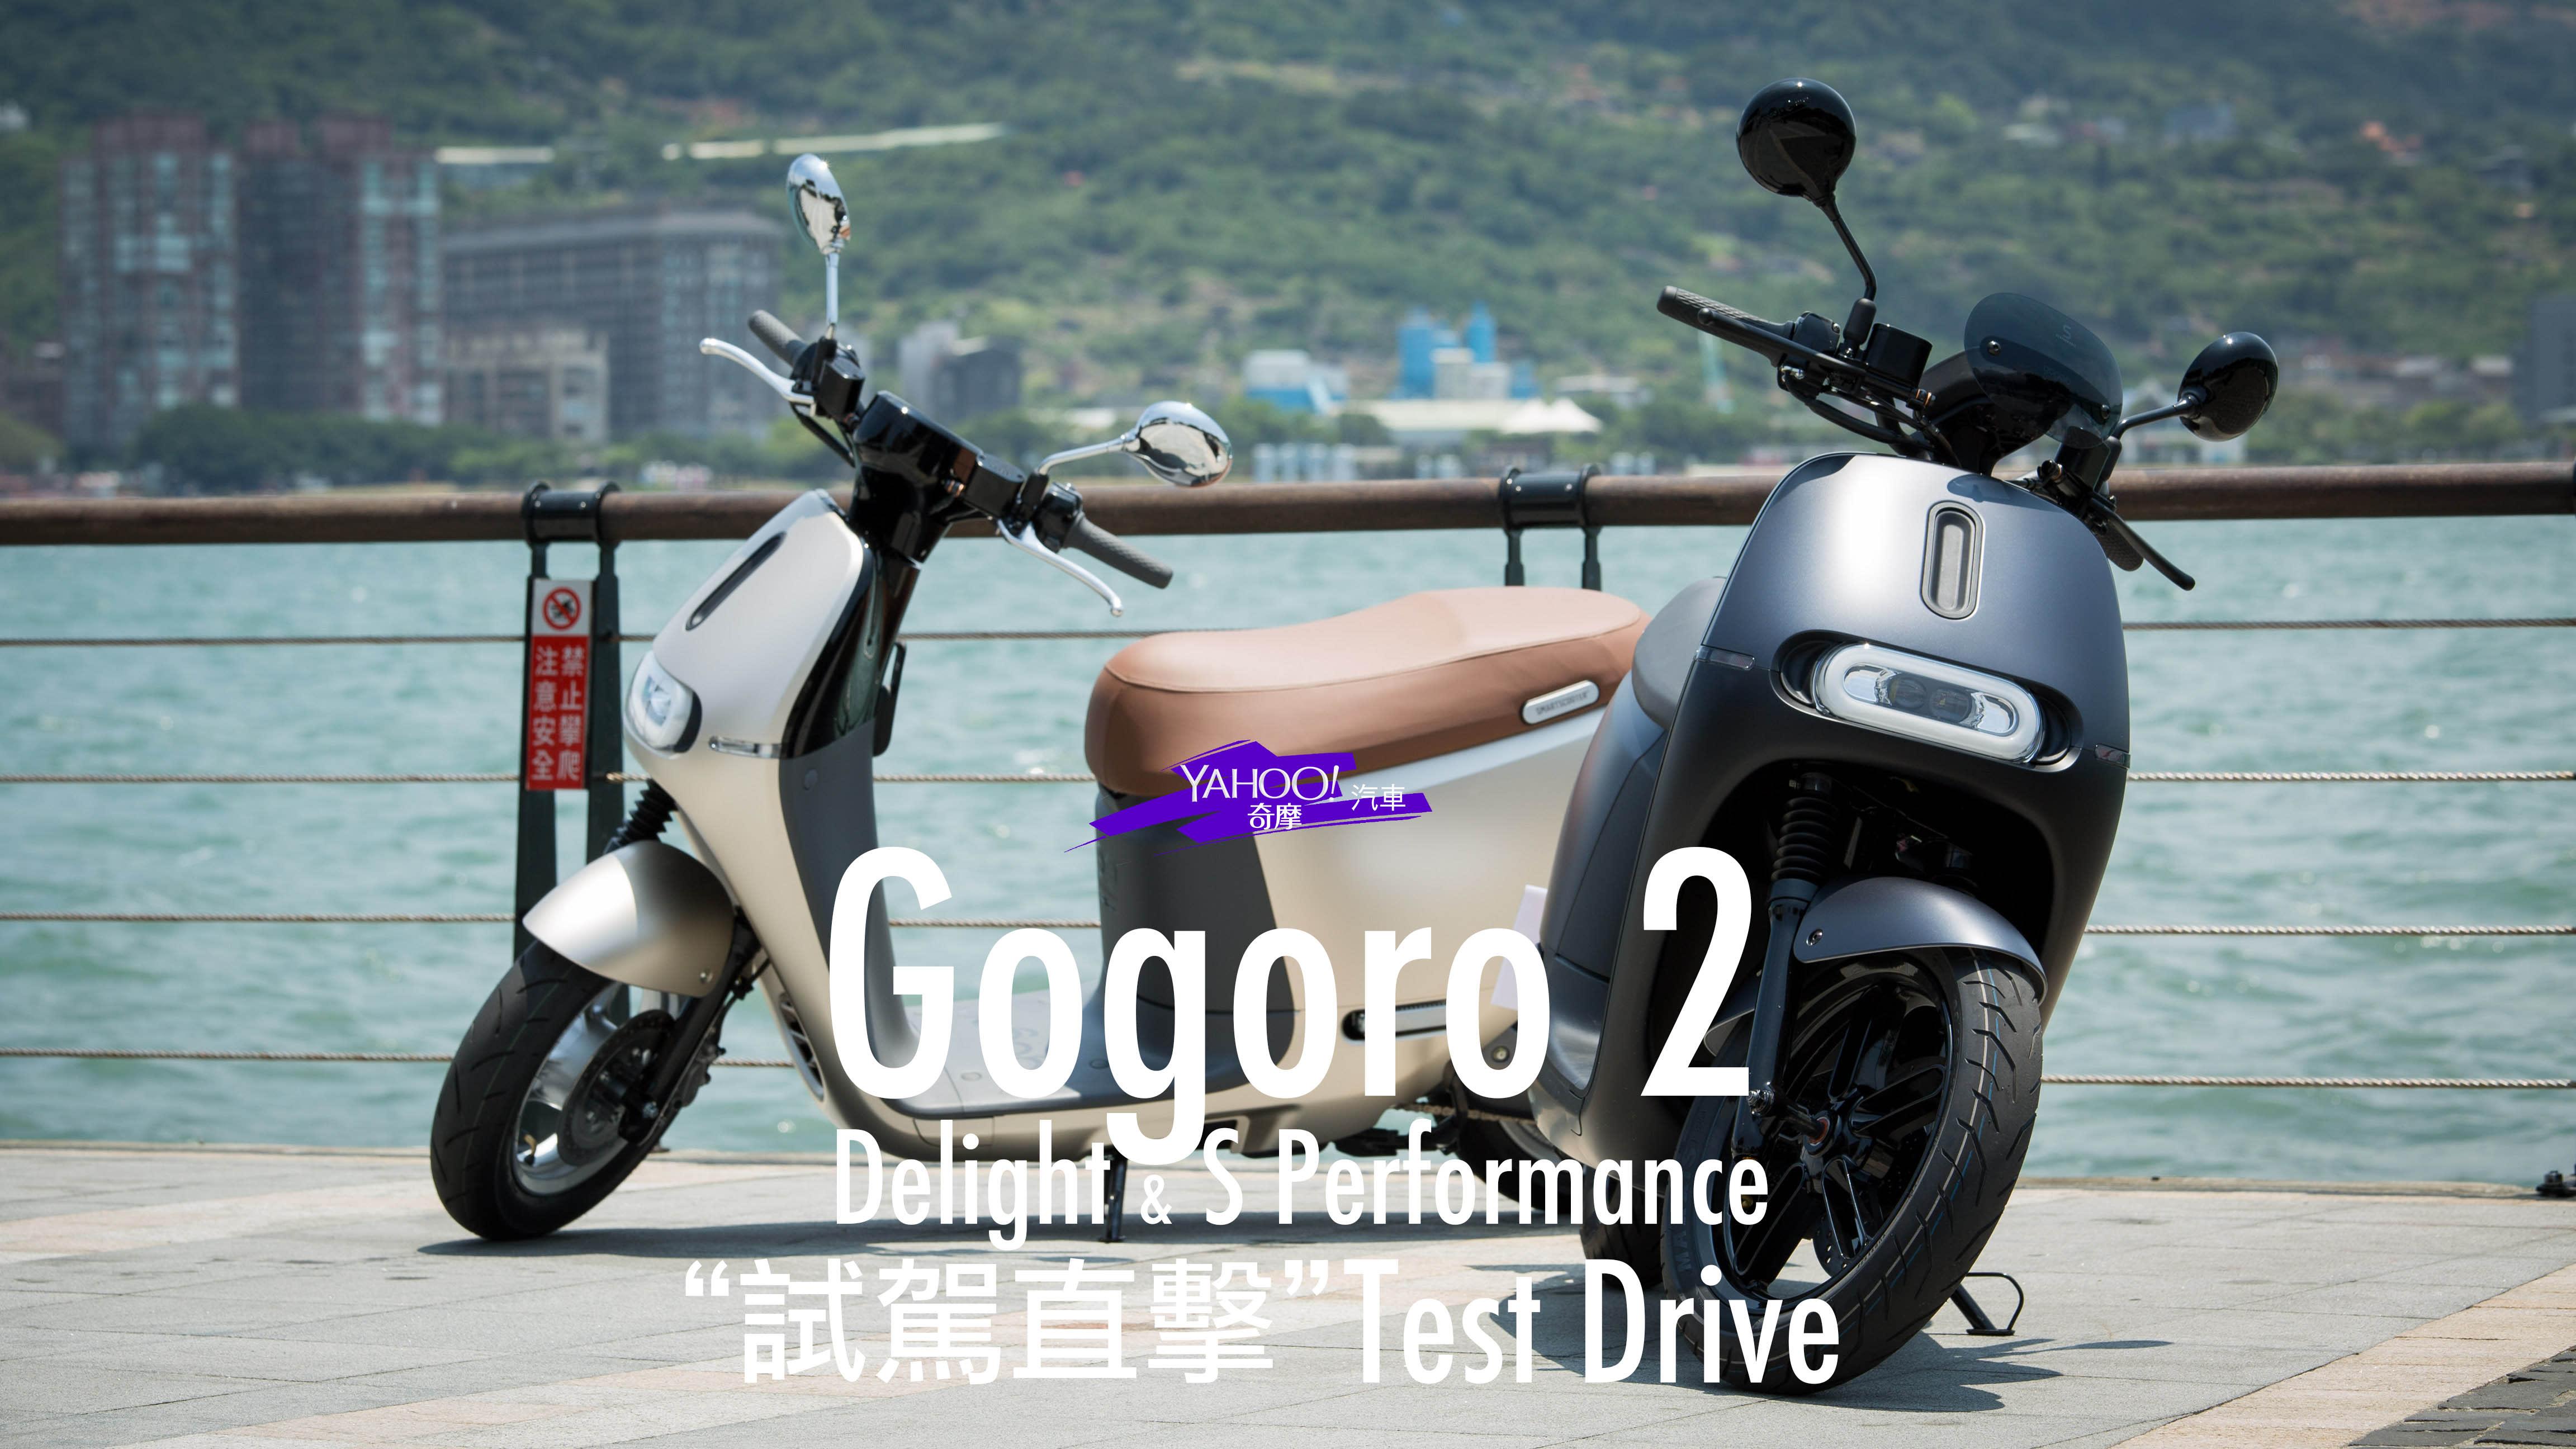 【試駕直擊】優雅與競技的混搭交織!Gogoro 2 Delight & Gogoro S2淡水試駕